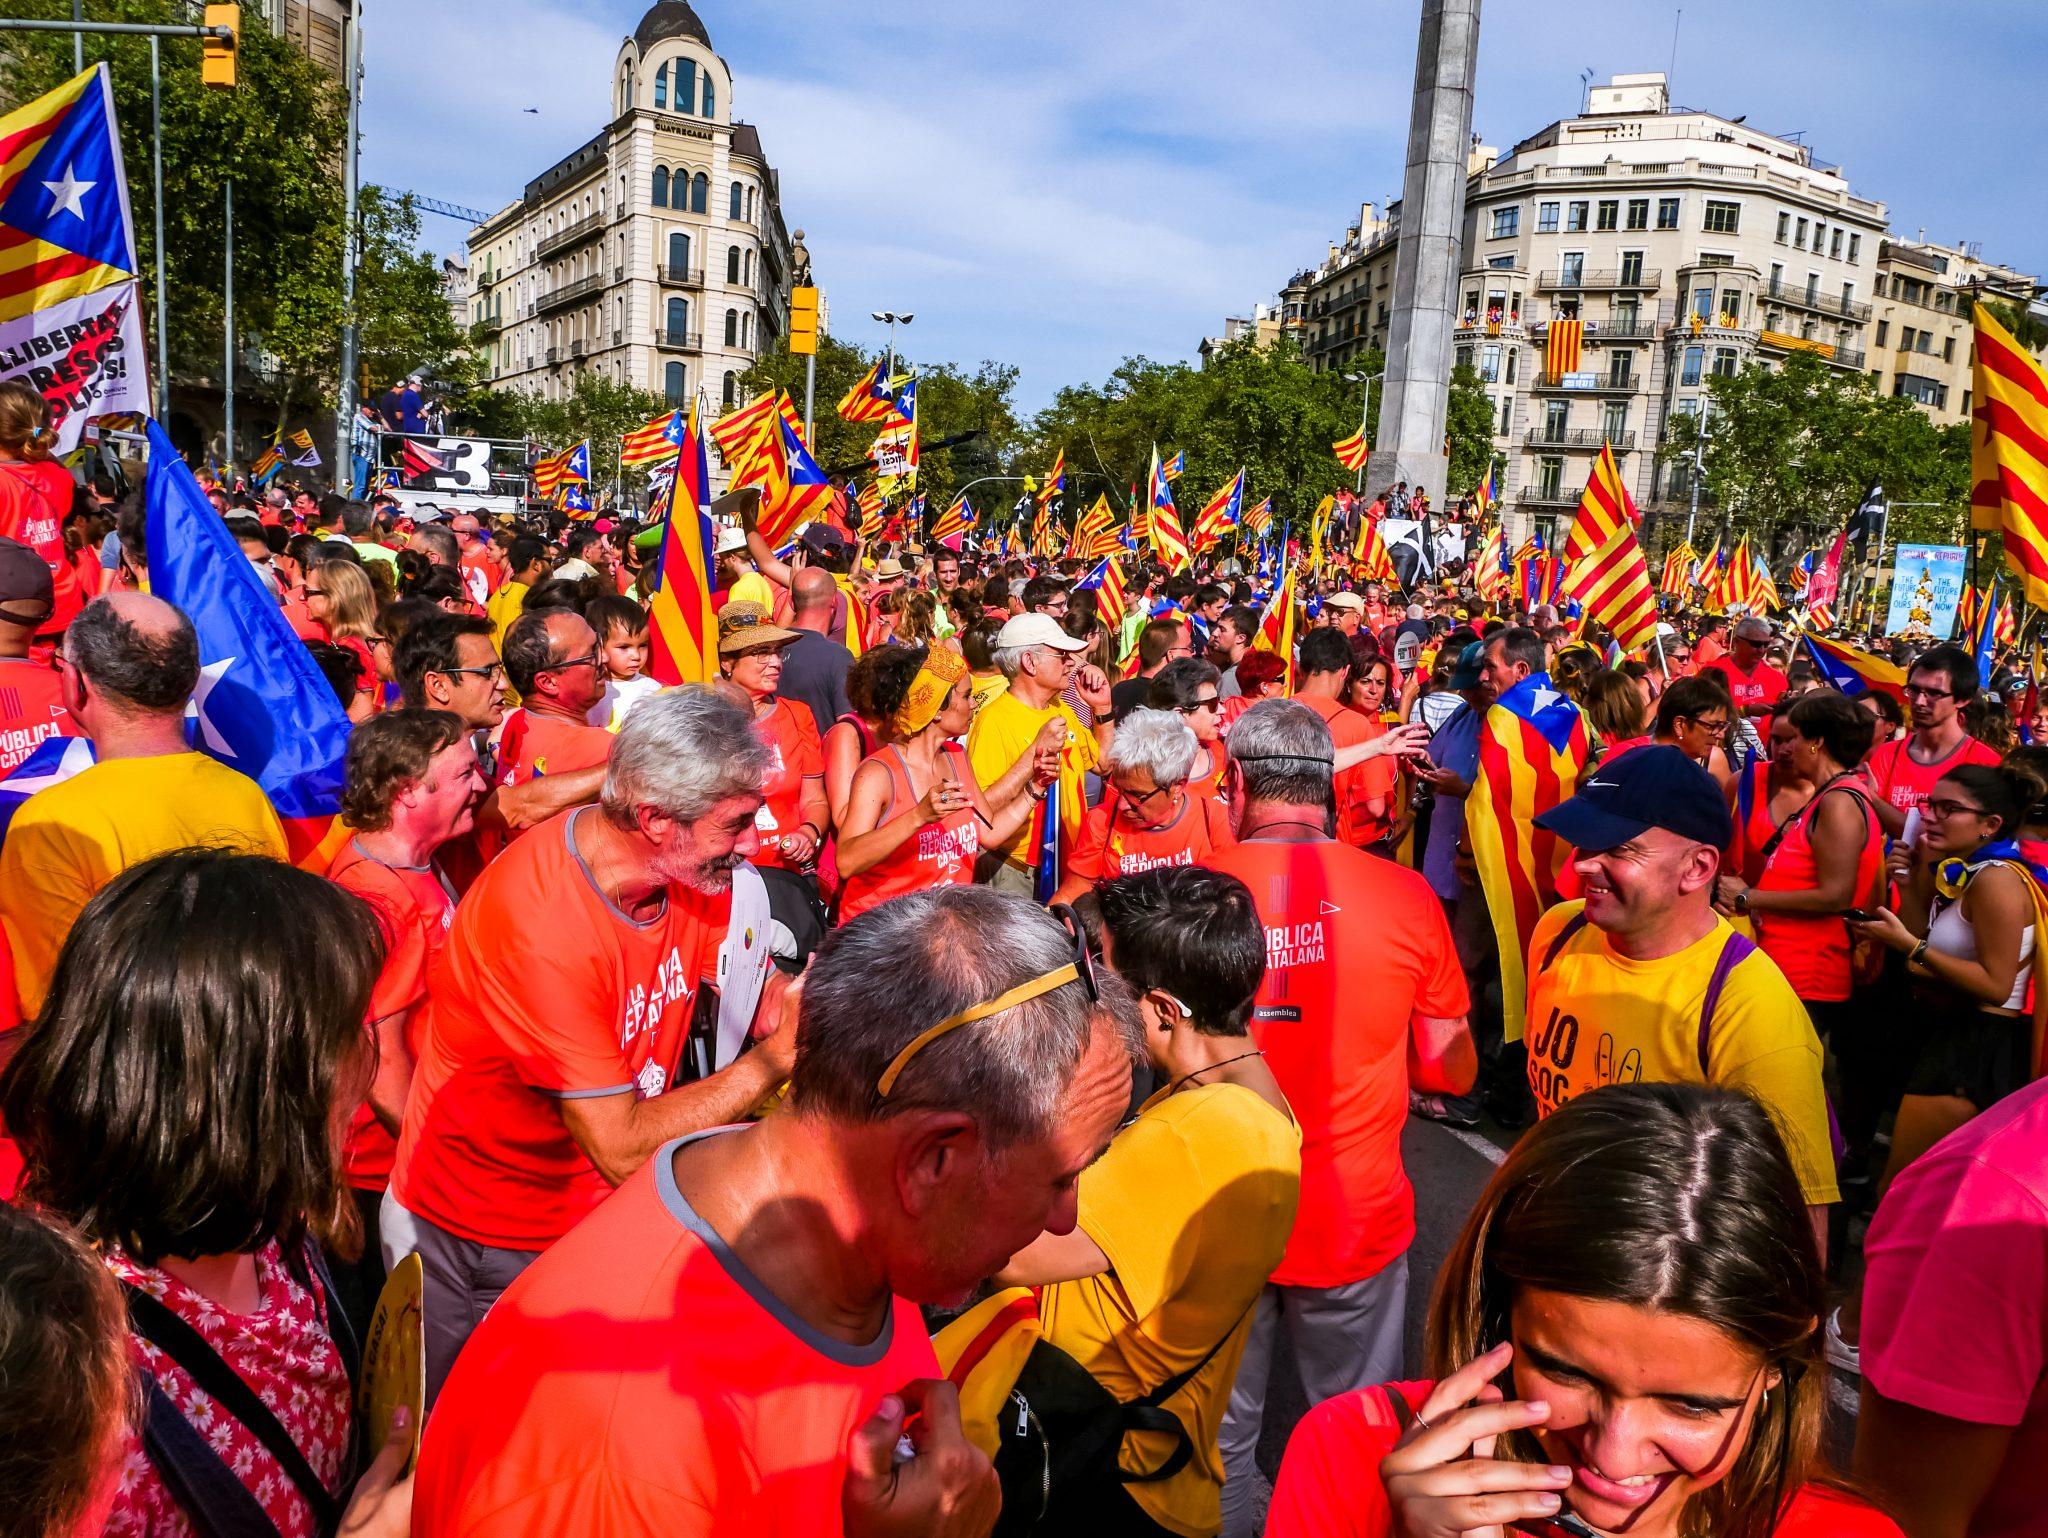 Ganz weit hinten links kannst du den Sender 3 erkennen, welcher Live gesendet hat, was auf den Straßen von Barcelona während des Día de Cataluña vor sich geht.